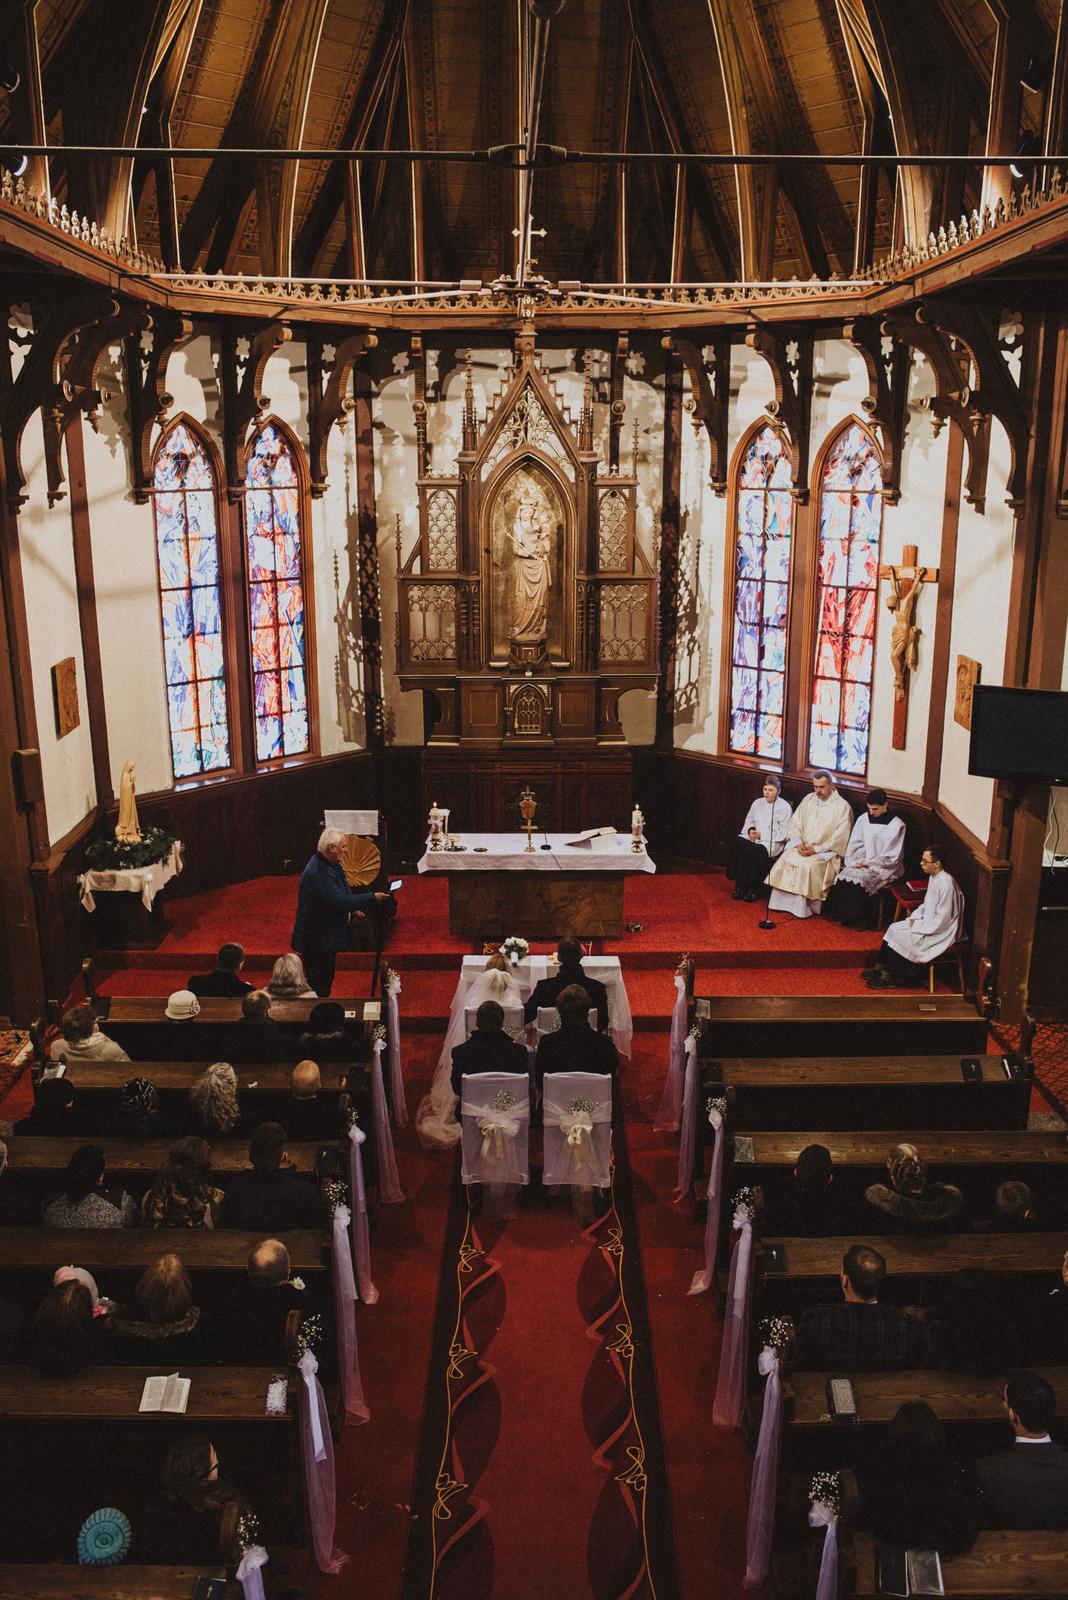 Tatranská zimná svadba - jednoduchá výzdoba...kostol zdobí sám seba, tým, čo všetko prežil...